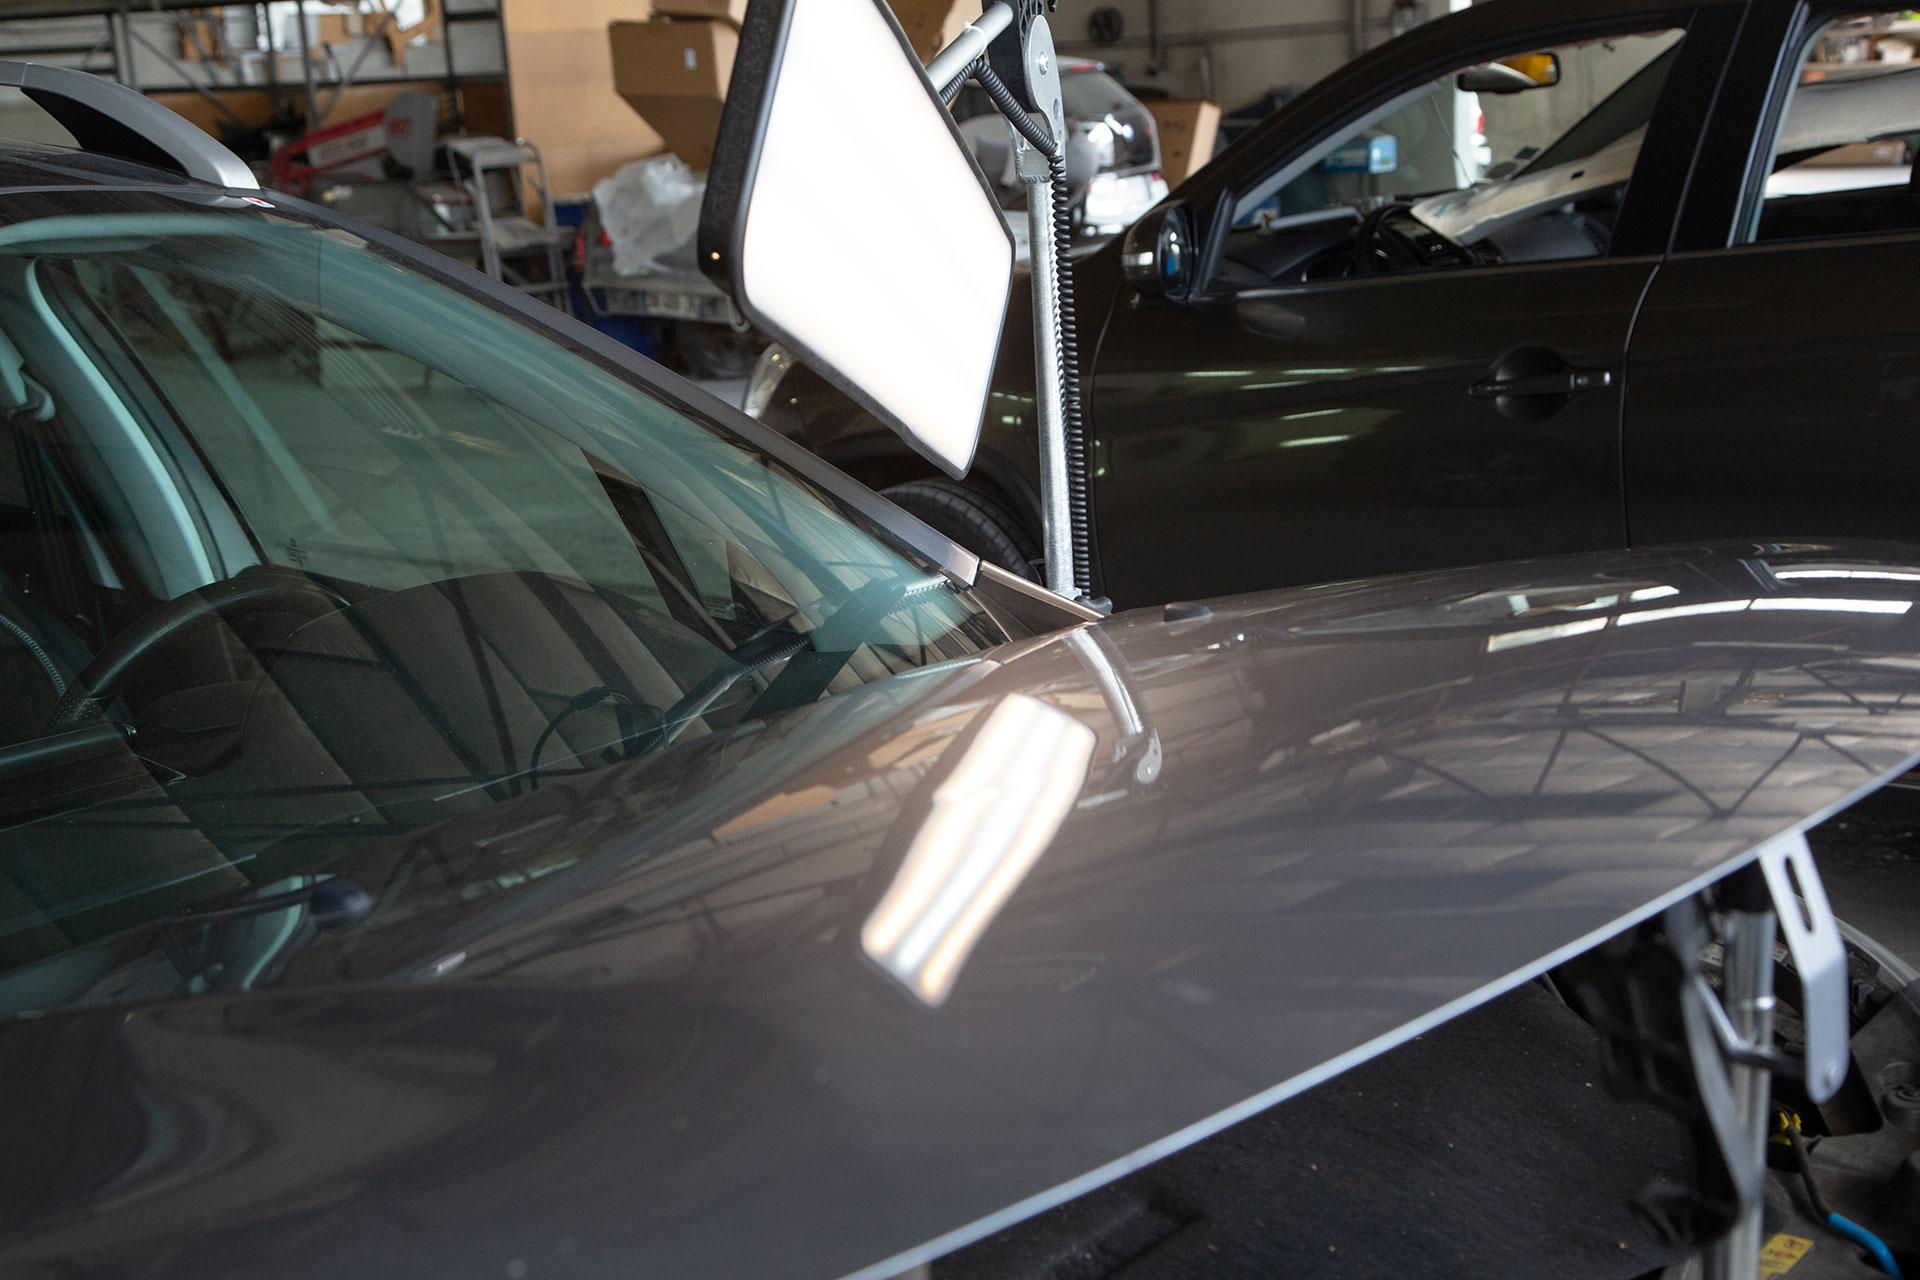 mise en lumière d'un impact de grêle sur un capot de voiture